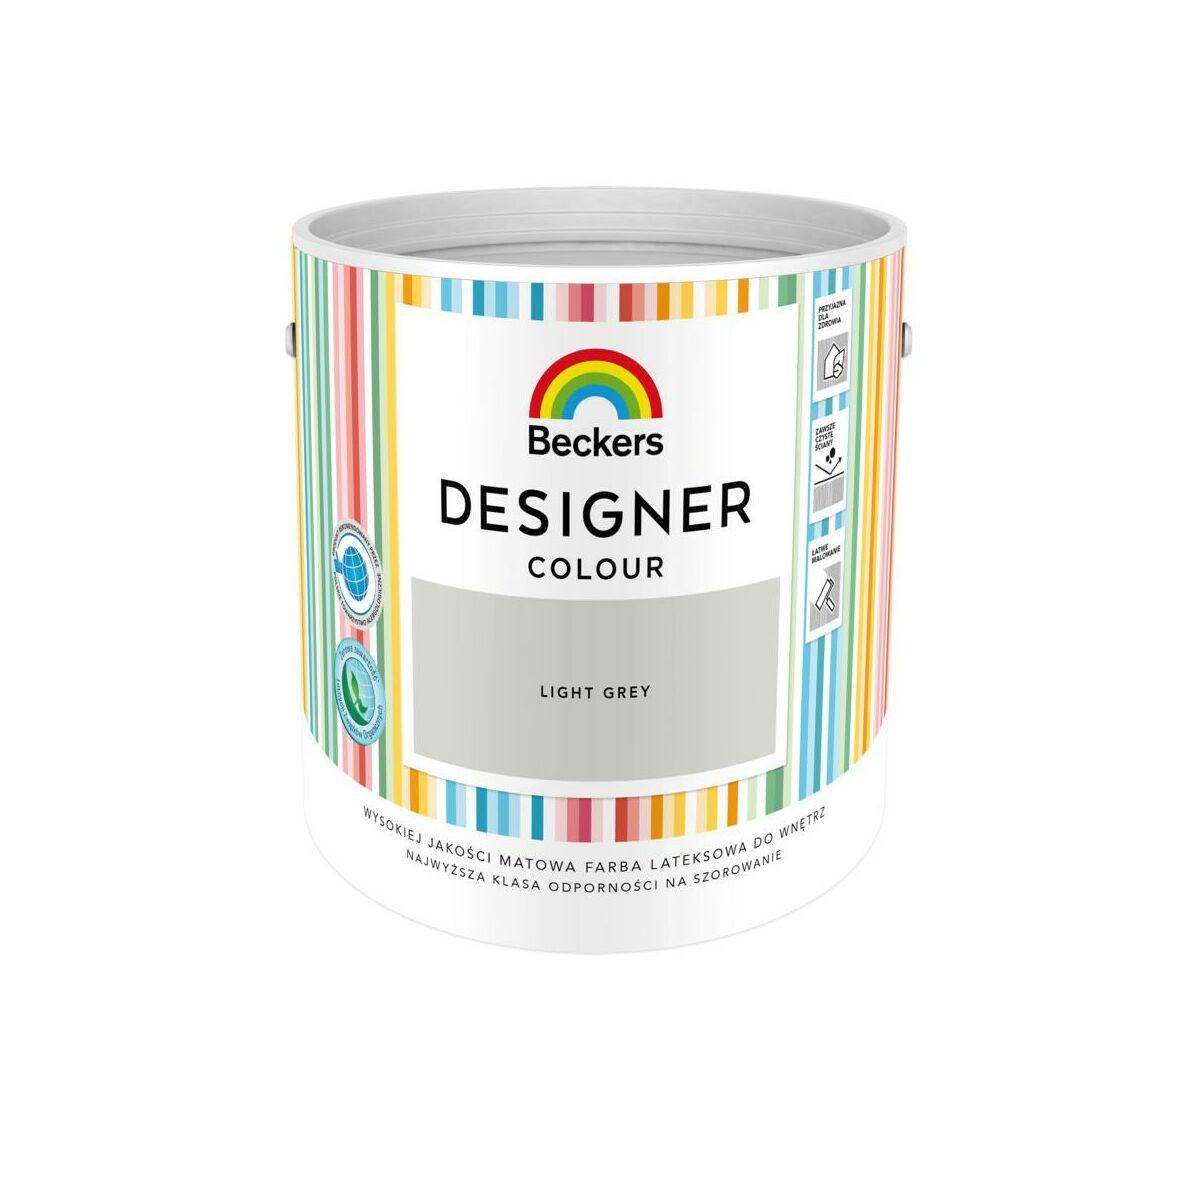 Farba Wewnetrzna Designer Colour 2 5 L Light Grey Beckers Farby Scienne Kolorowe W Atrakcyjnej Cenie W Sklepach Leroy Merlin